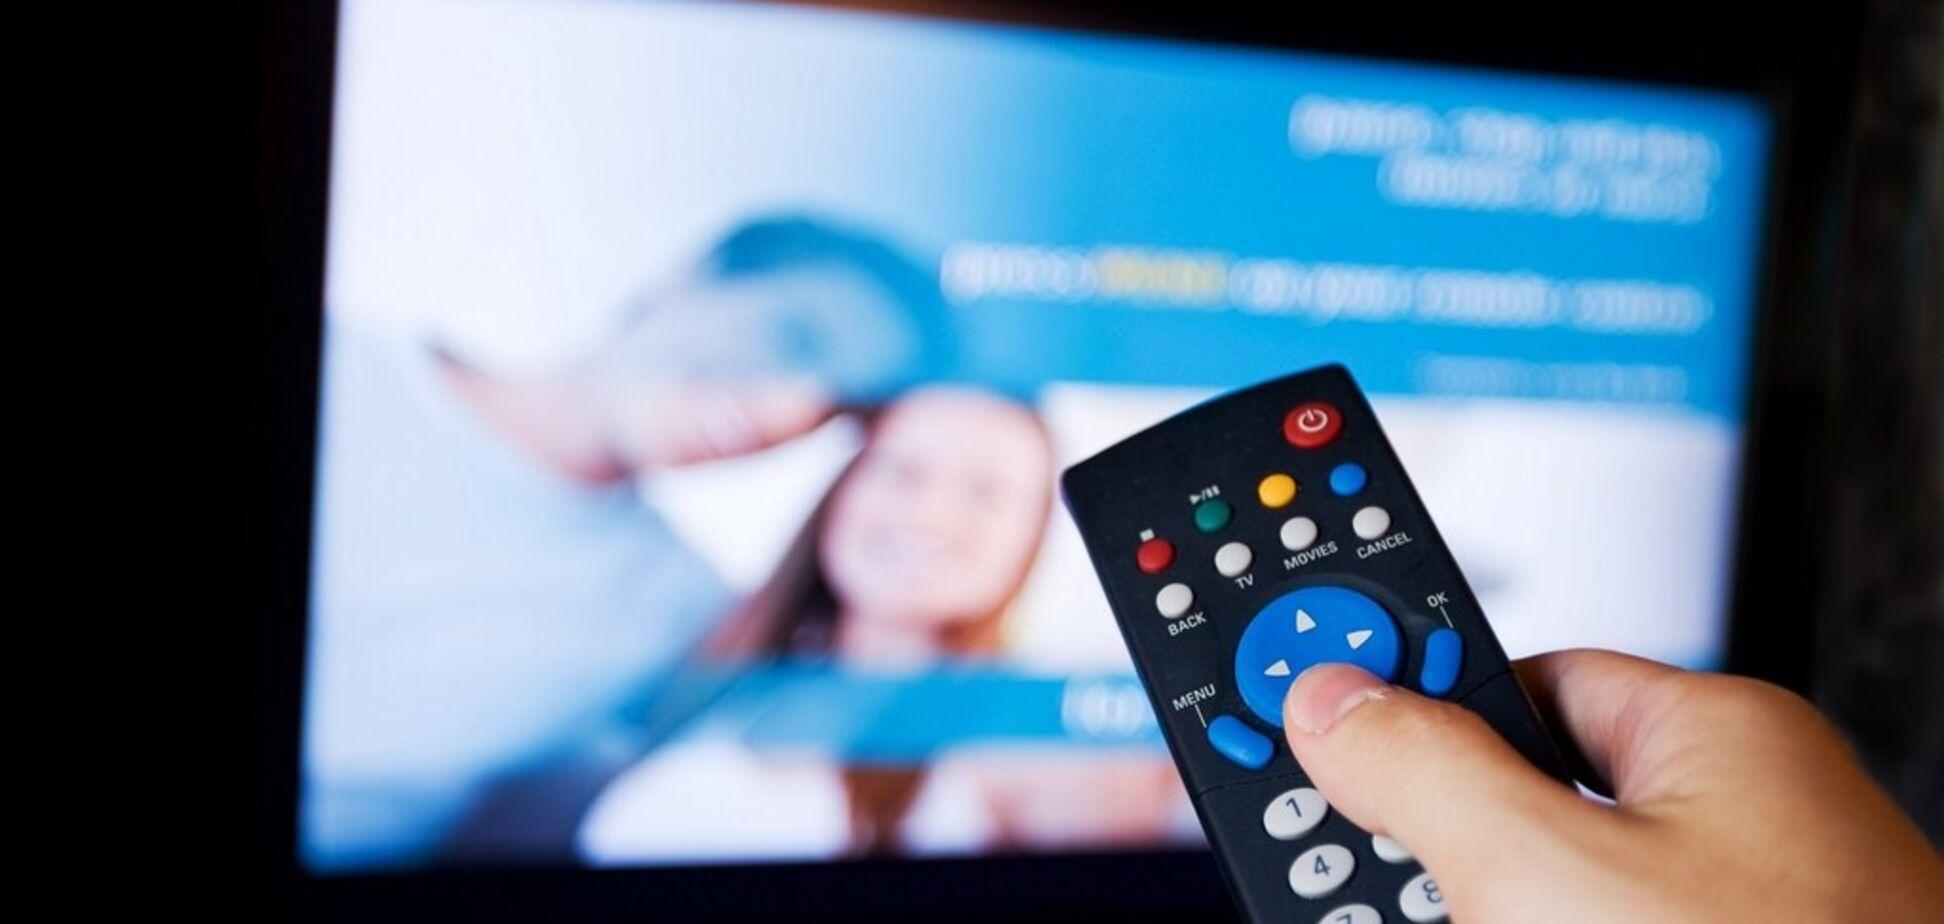 В Україні закодували популярні канали: як продовжувати їх дивитися